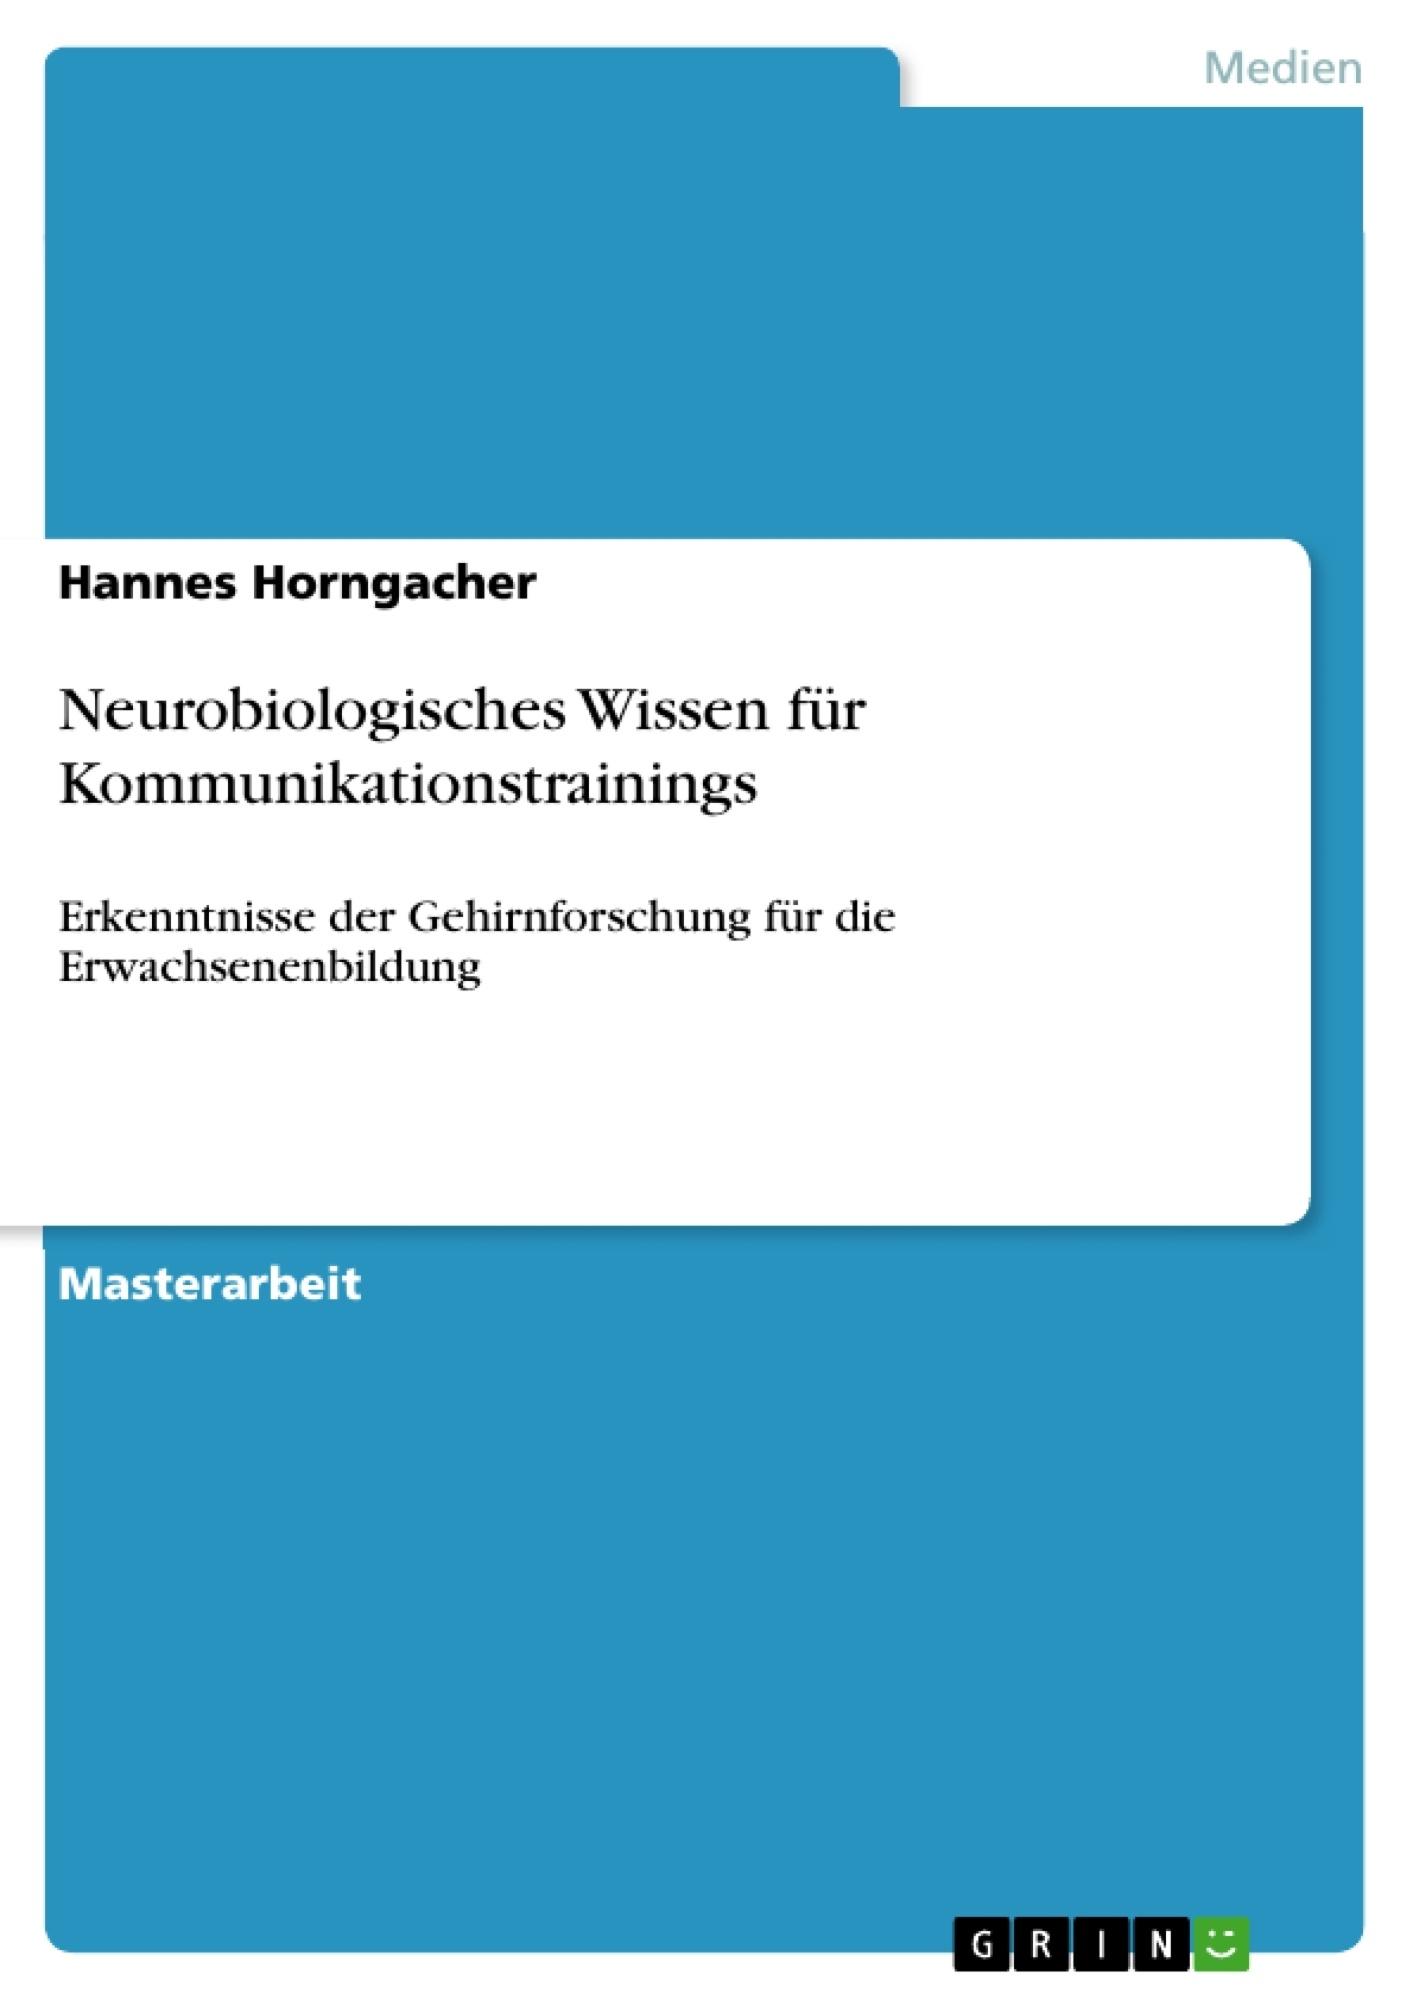 Titel: Neurobiologisches Wissen für Kommunikationstrainings